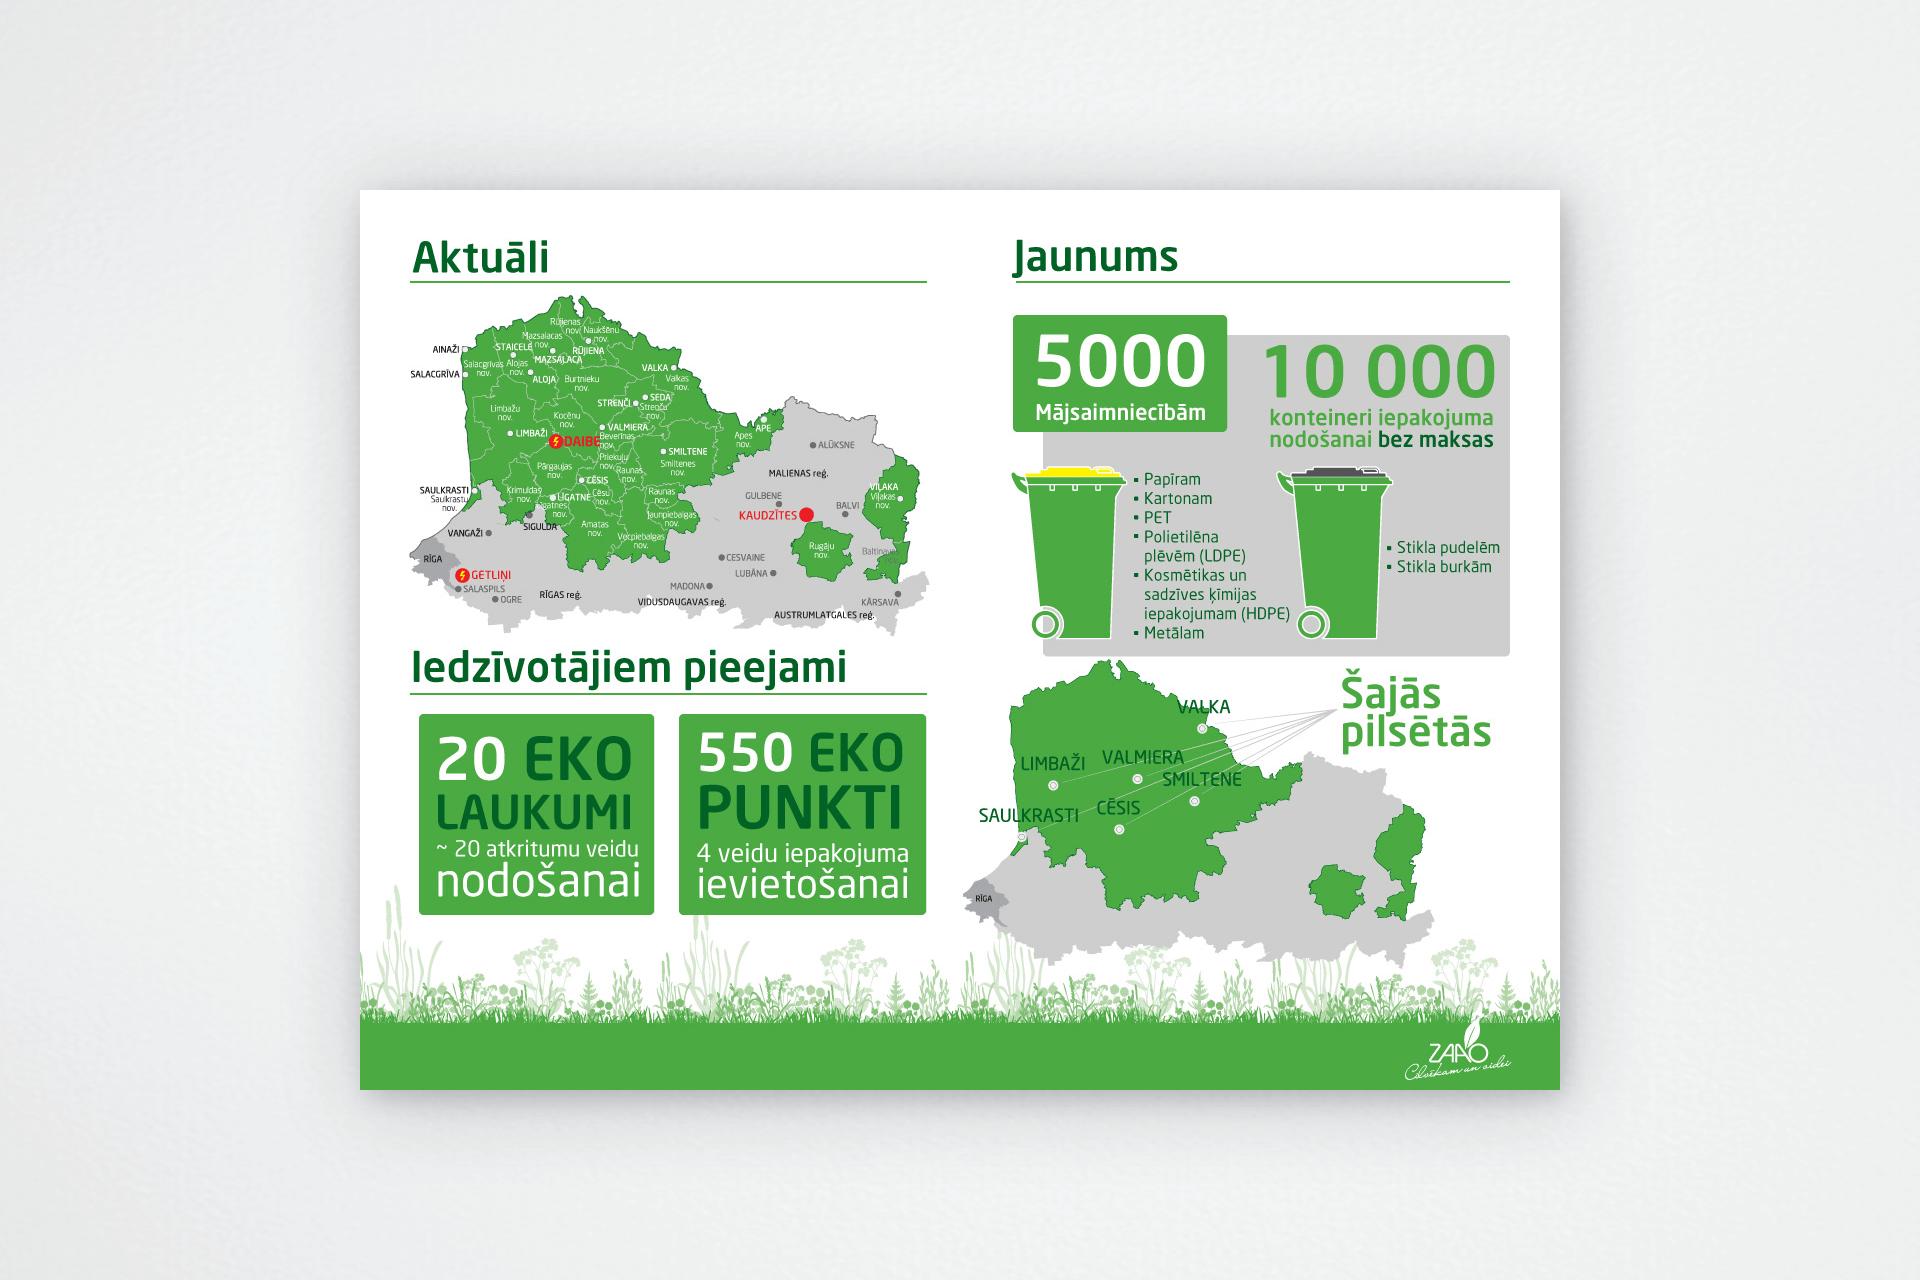 ZAAO_infografikas_1920x1280